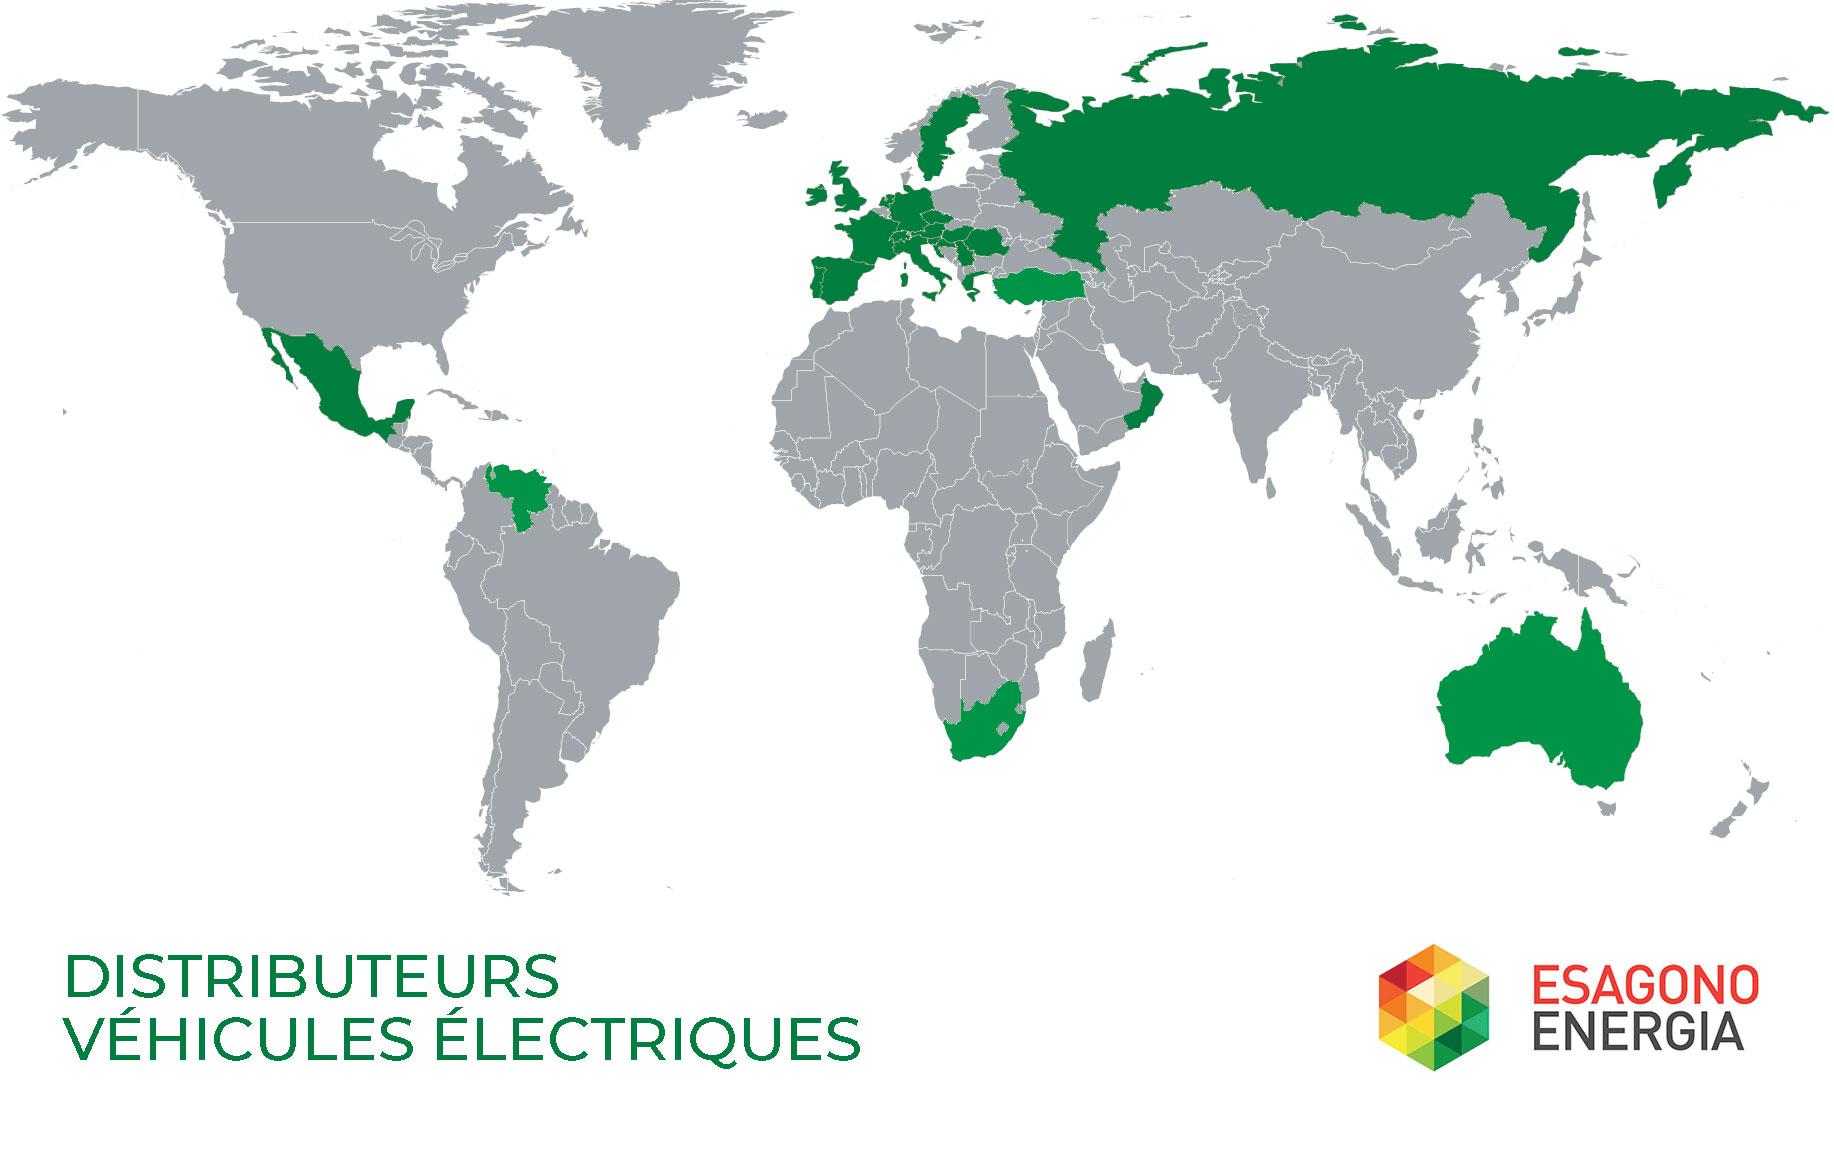 Distributeurs Véhicules électriques Esagono Energia